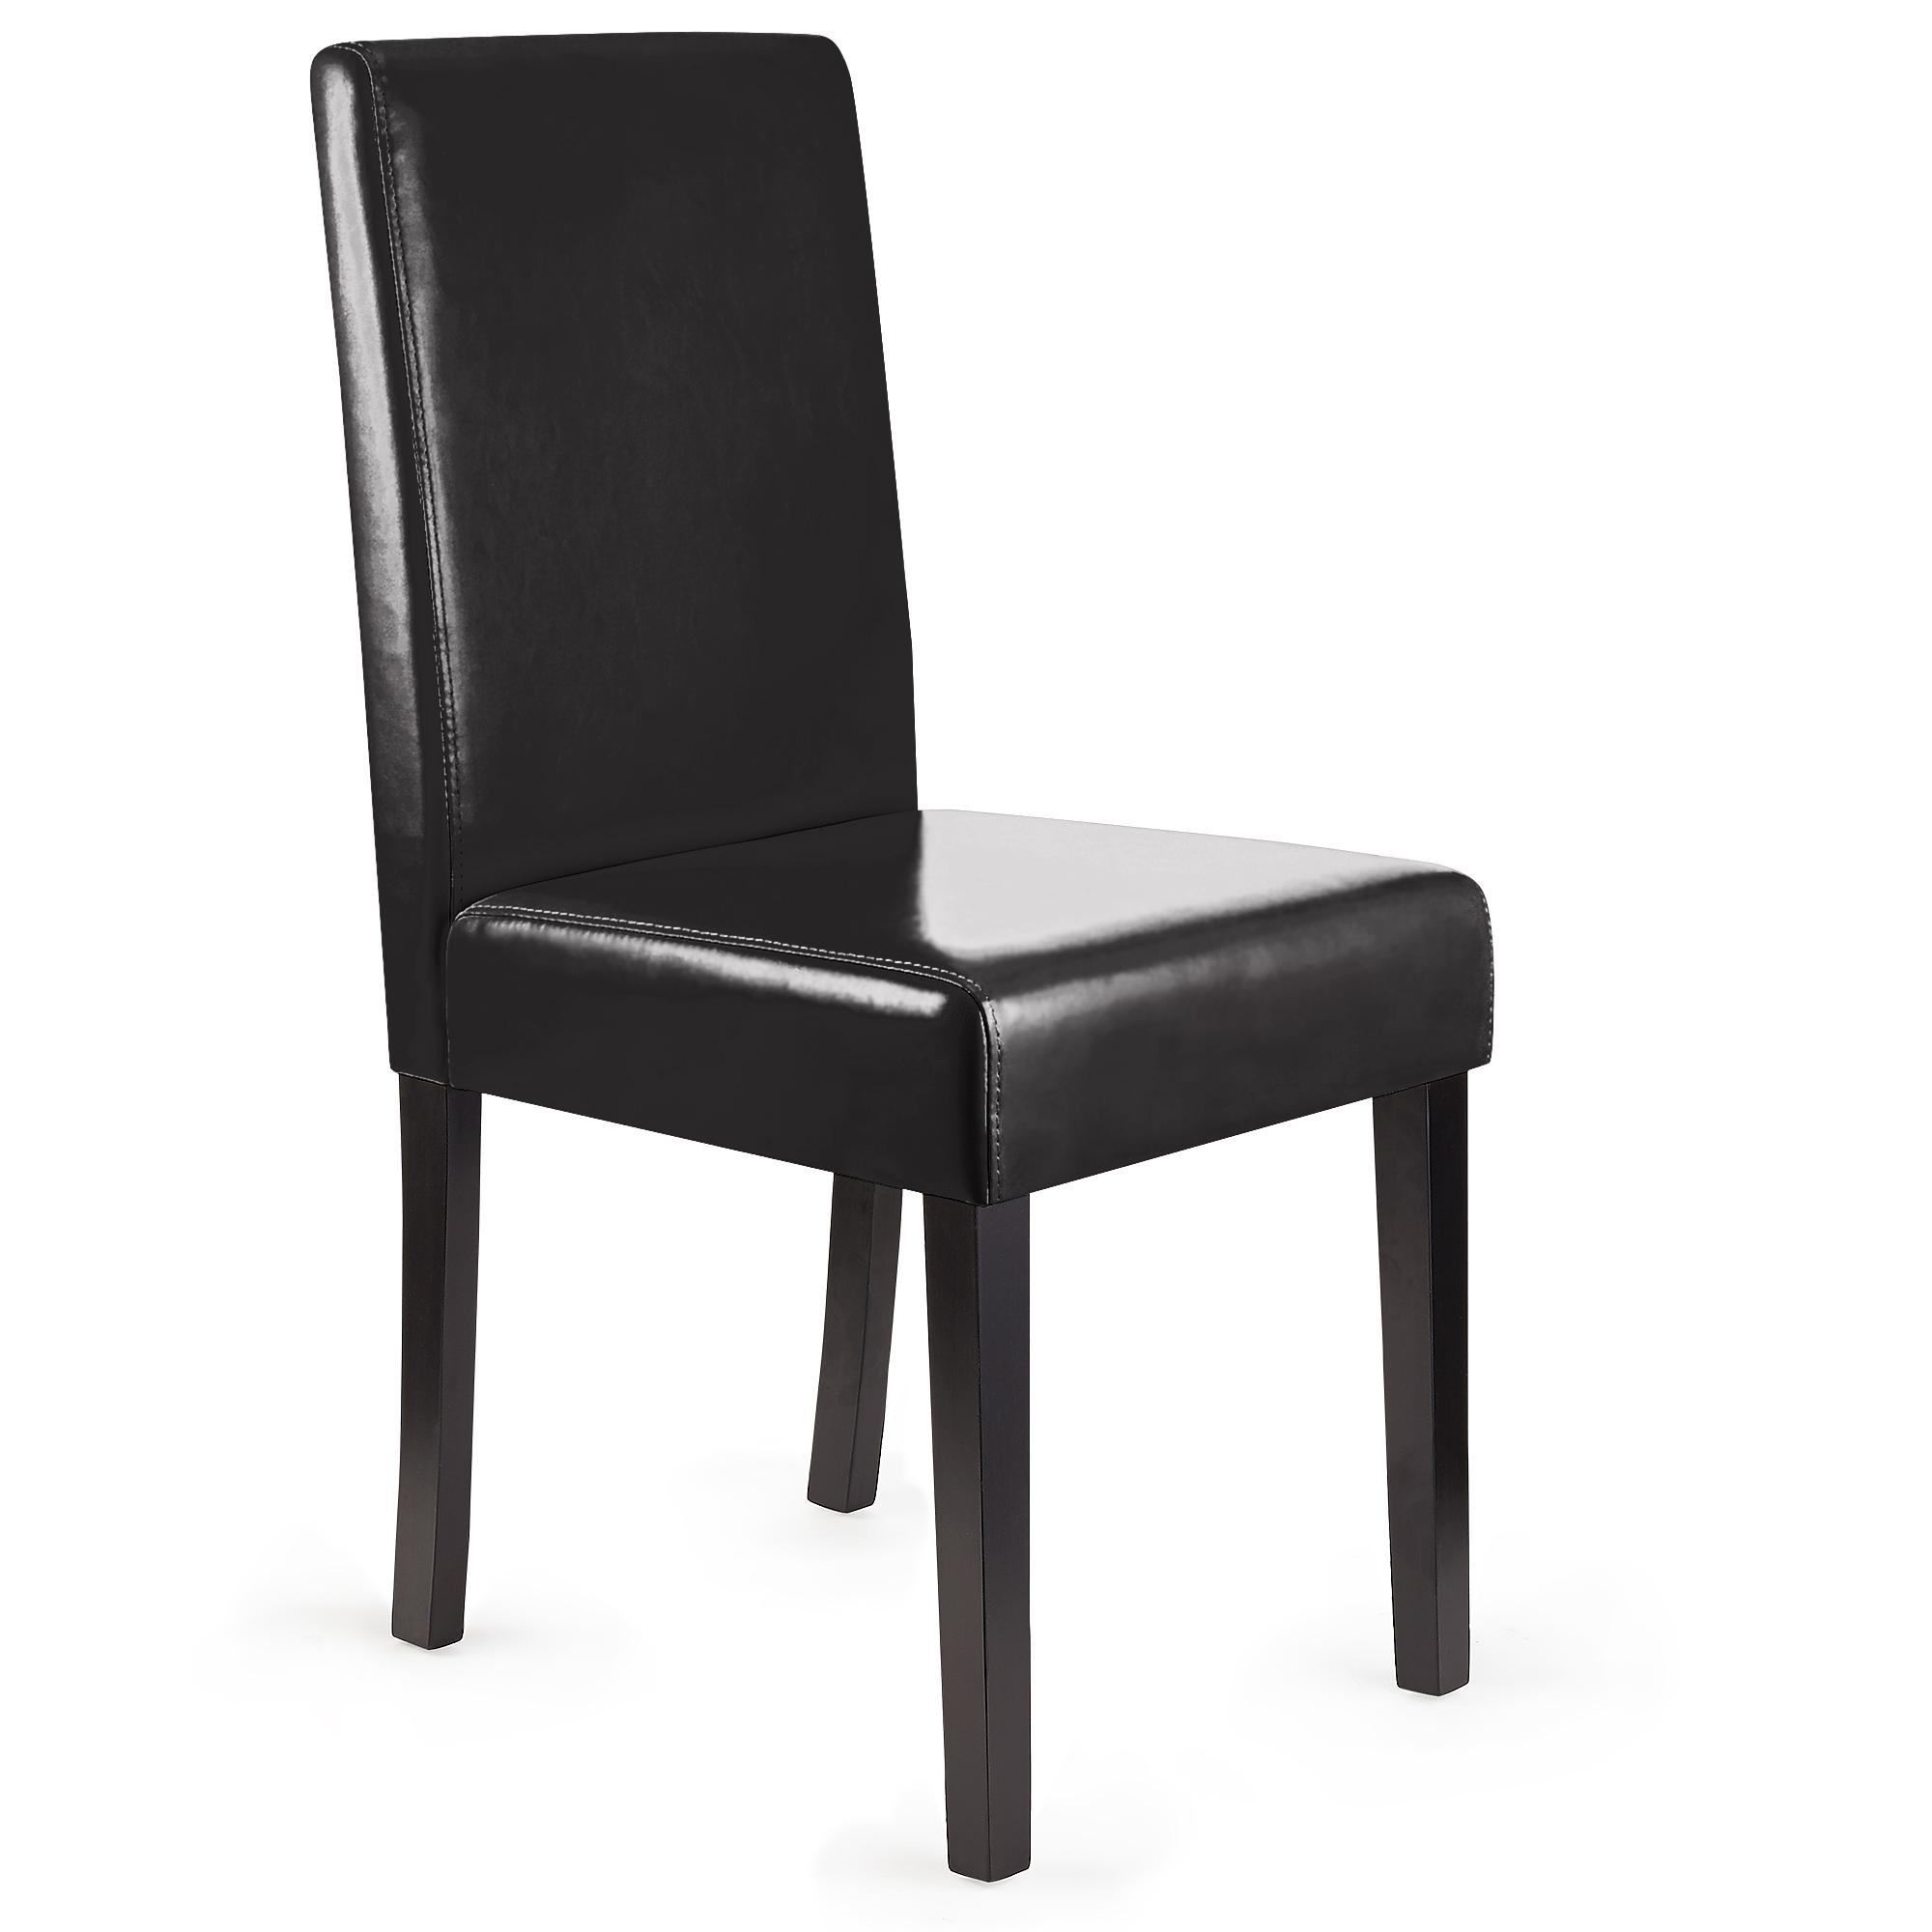 Lote 6 sillas de comedor litau piel natural piel negra y for Sillas de comedor tapizadas en piel